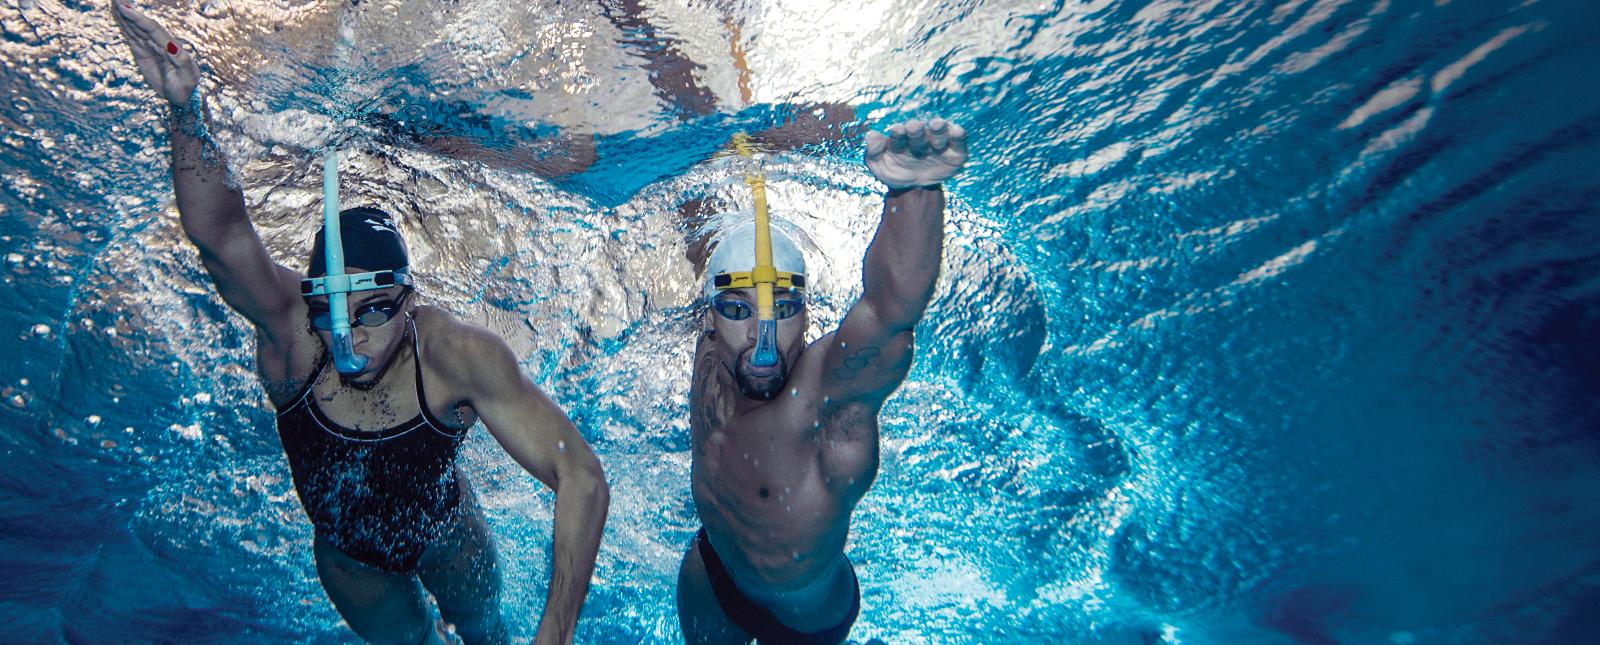 Snorkel Tubo Frontal de natación Finis Glide